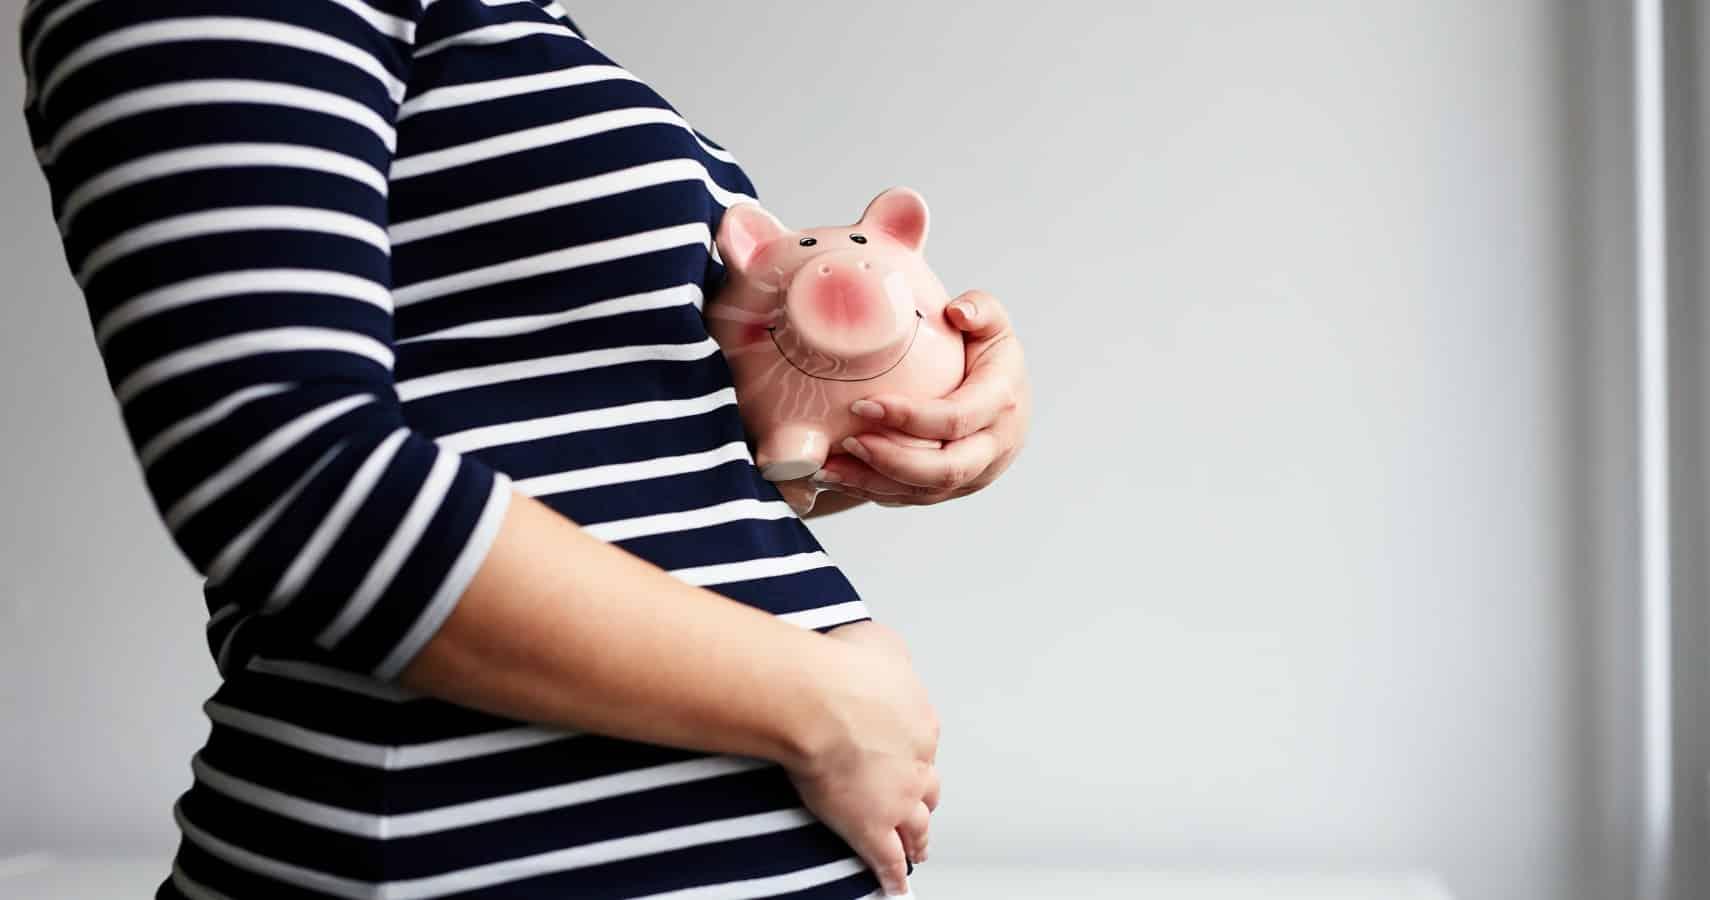 pregnant woman piggy bank